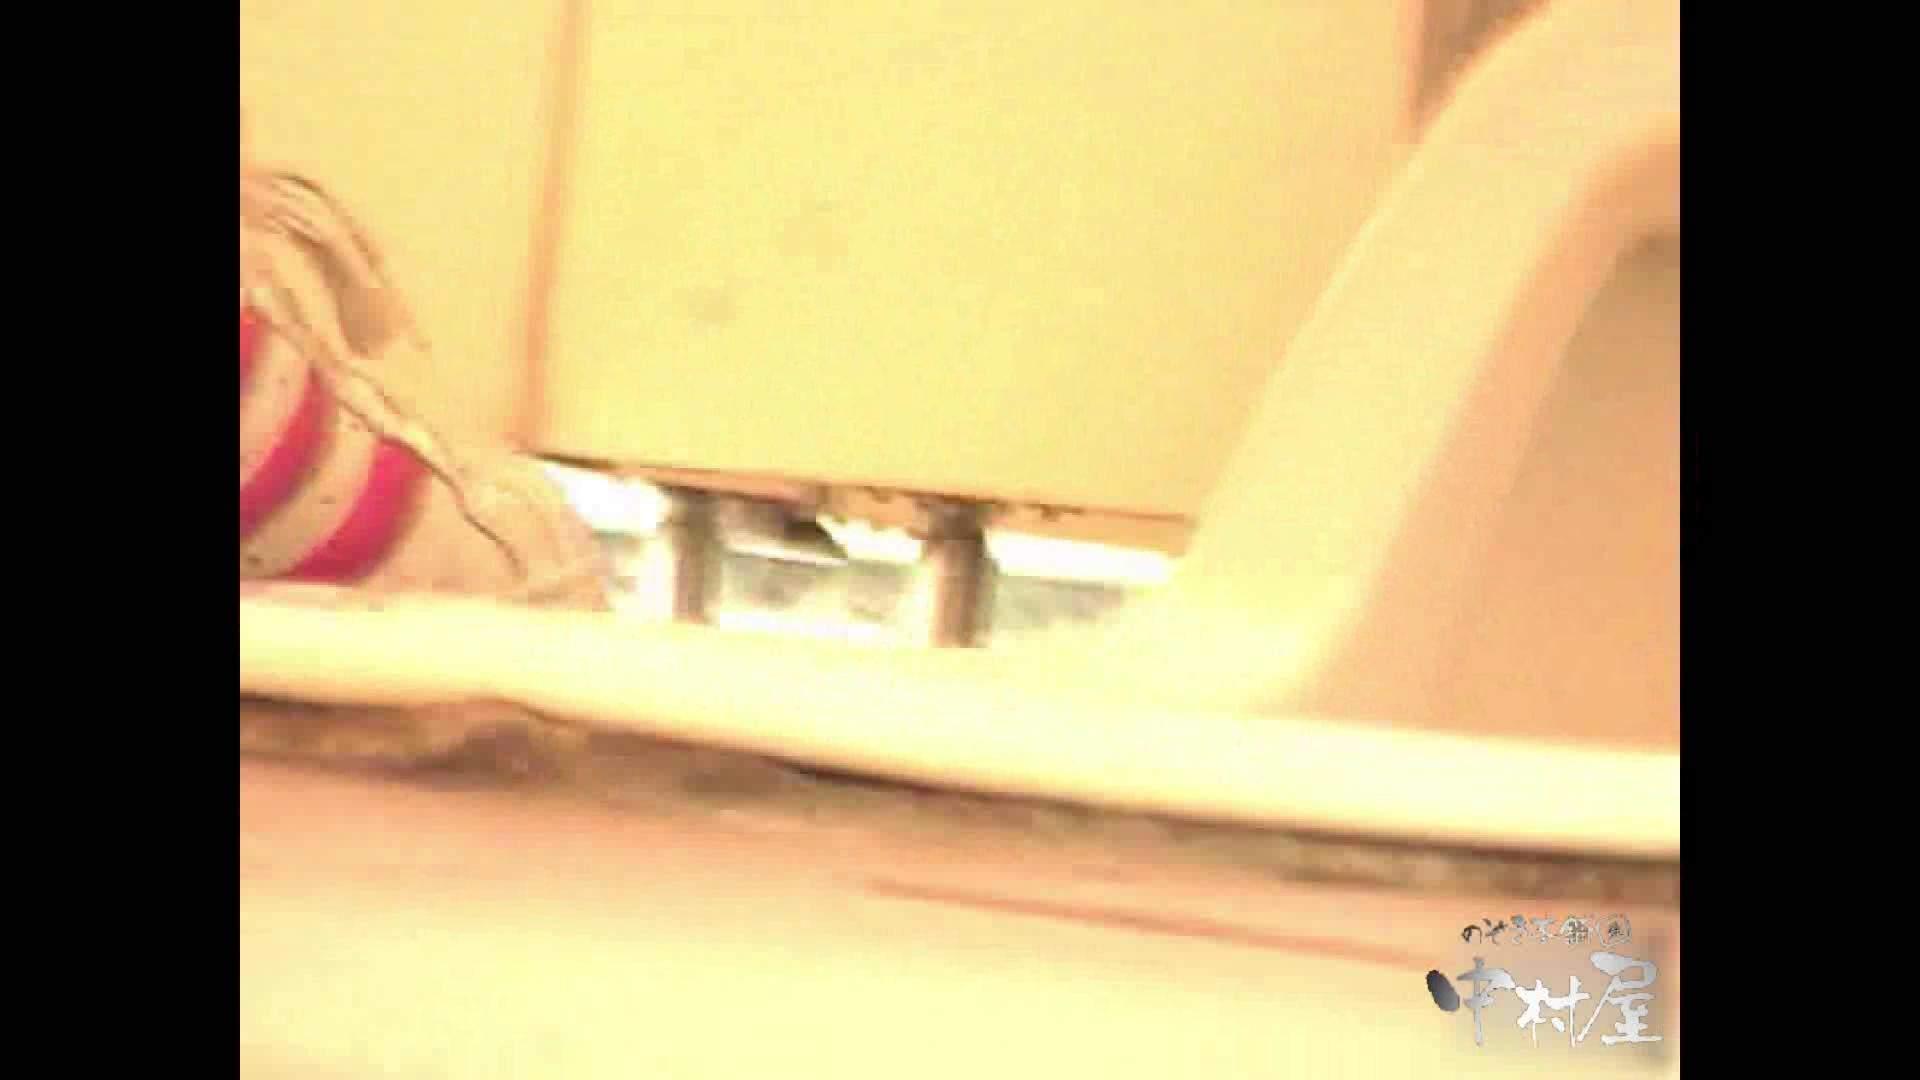 岩手県在住盗撮師盗撮記録vol.02 厠・・・ | 放尿編  108PIX 15